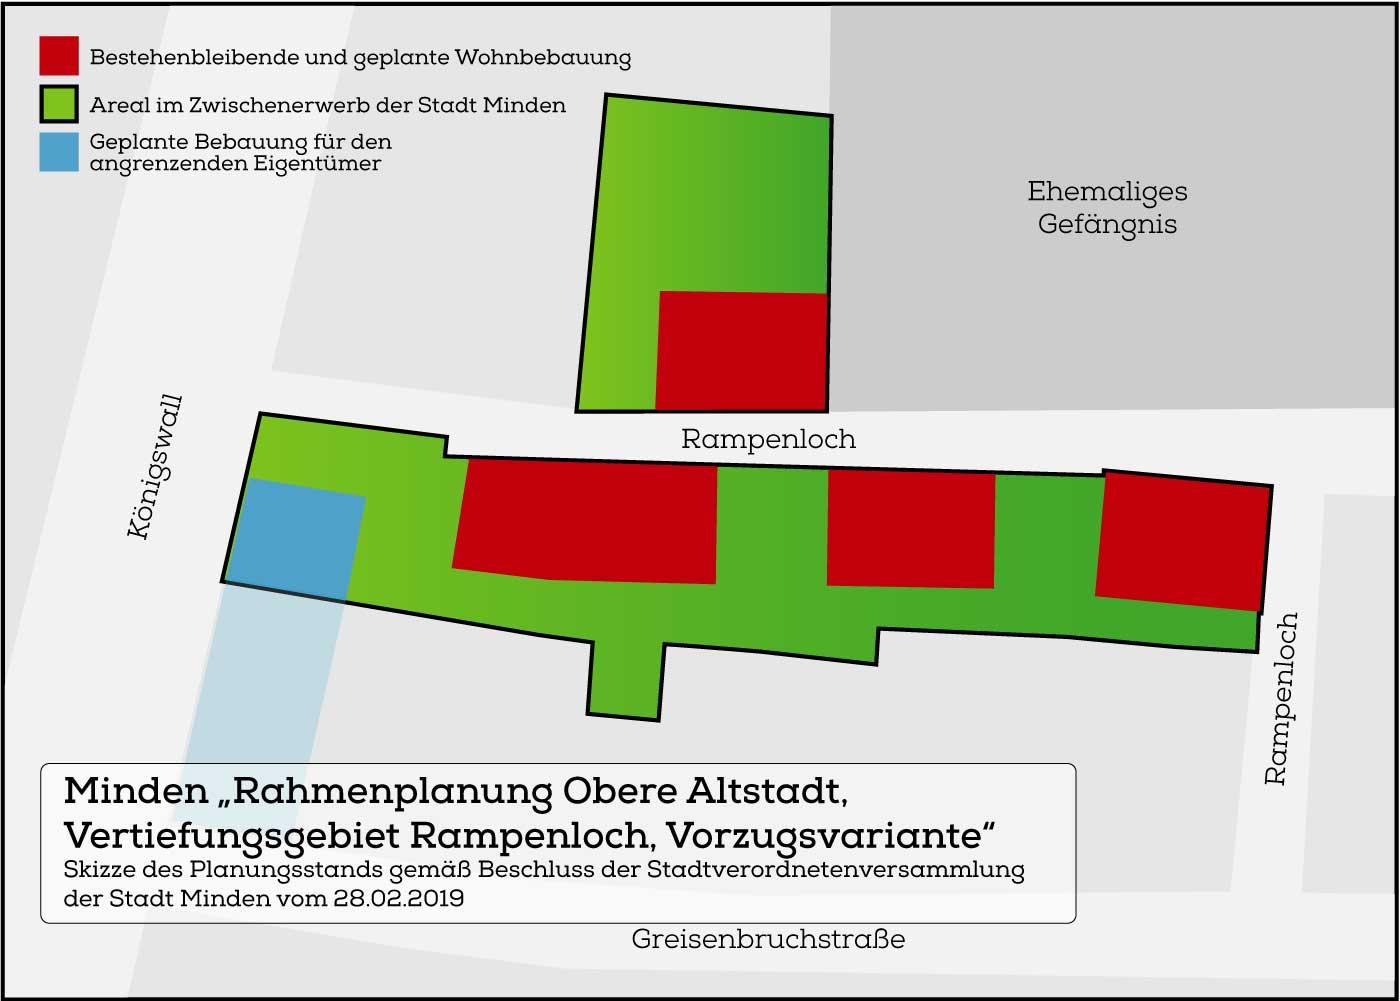 Stadt Minden, Obere Altstadt, Rahmenplan für die Bebauung am Rampenloch